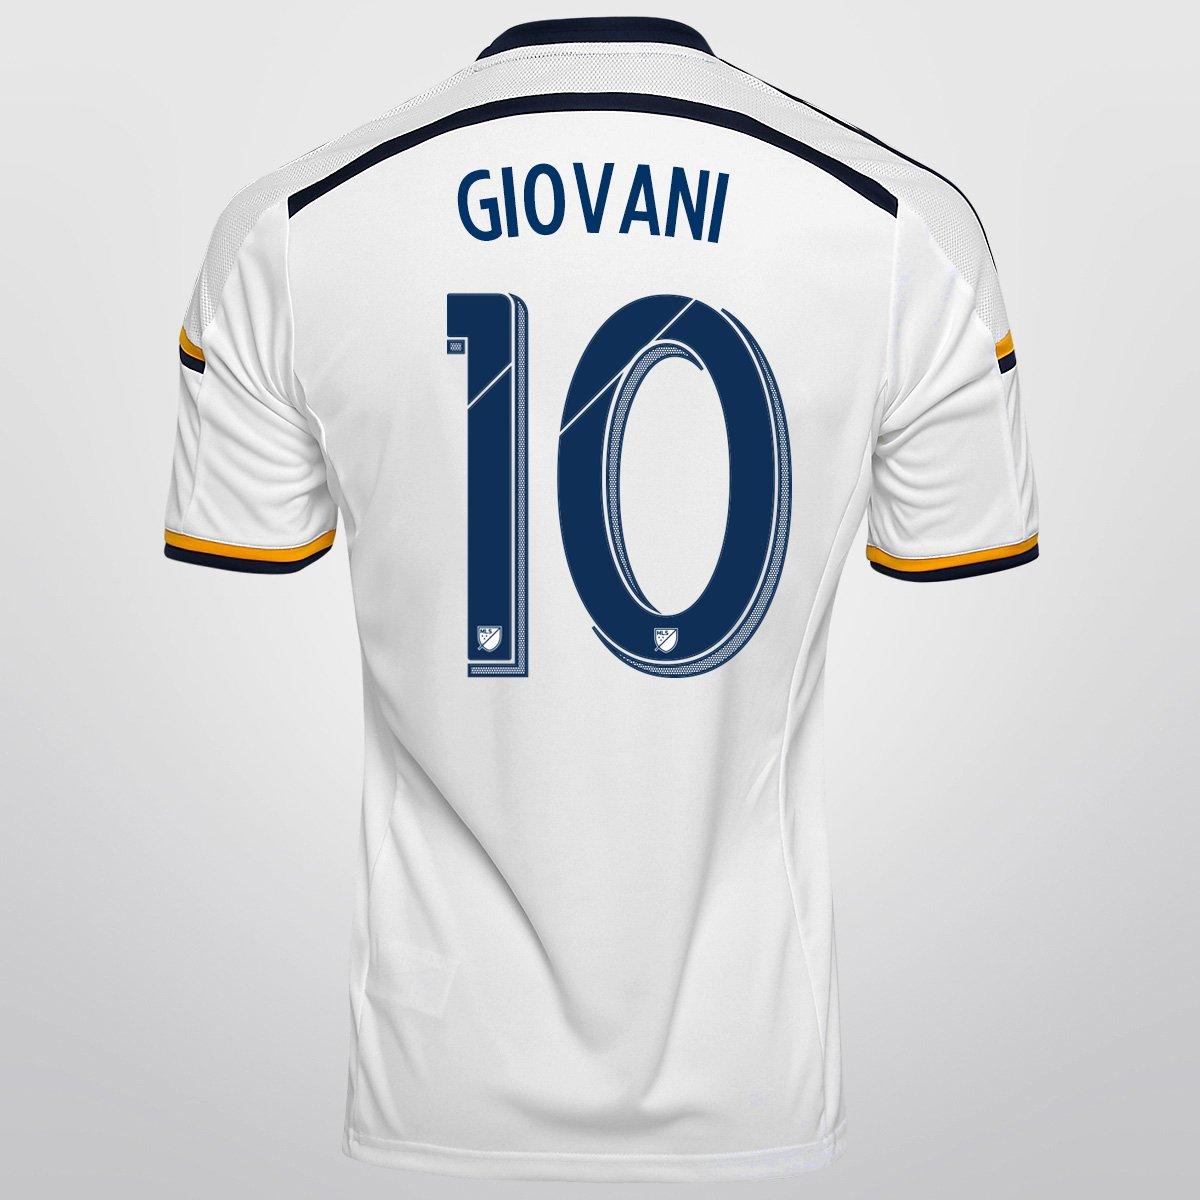 b9feef8c9f Camisa Adidas MLS Los Angeles Galaxy Home 15/16 nº 10 - Giovani | Netshoes